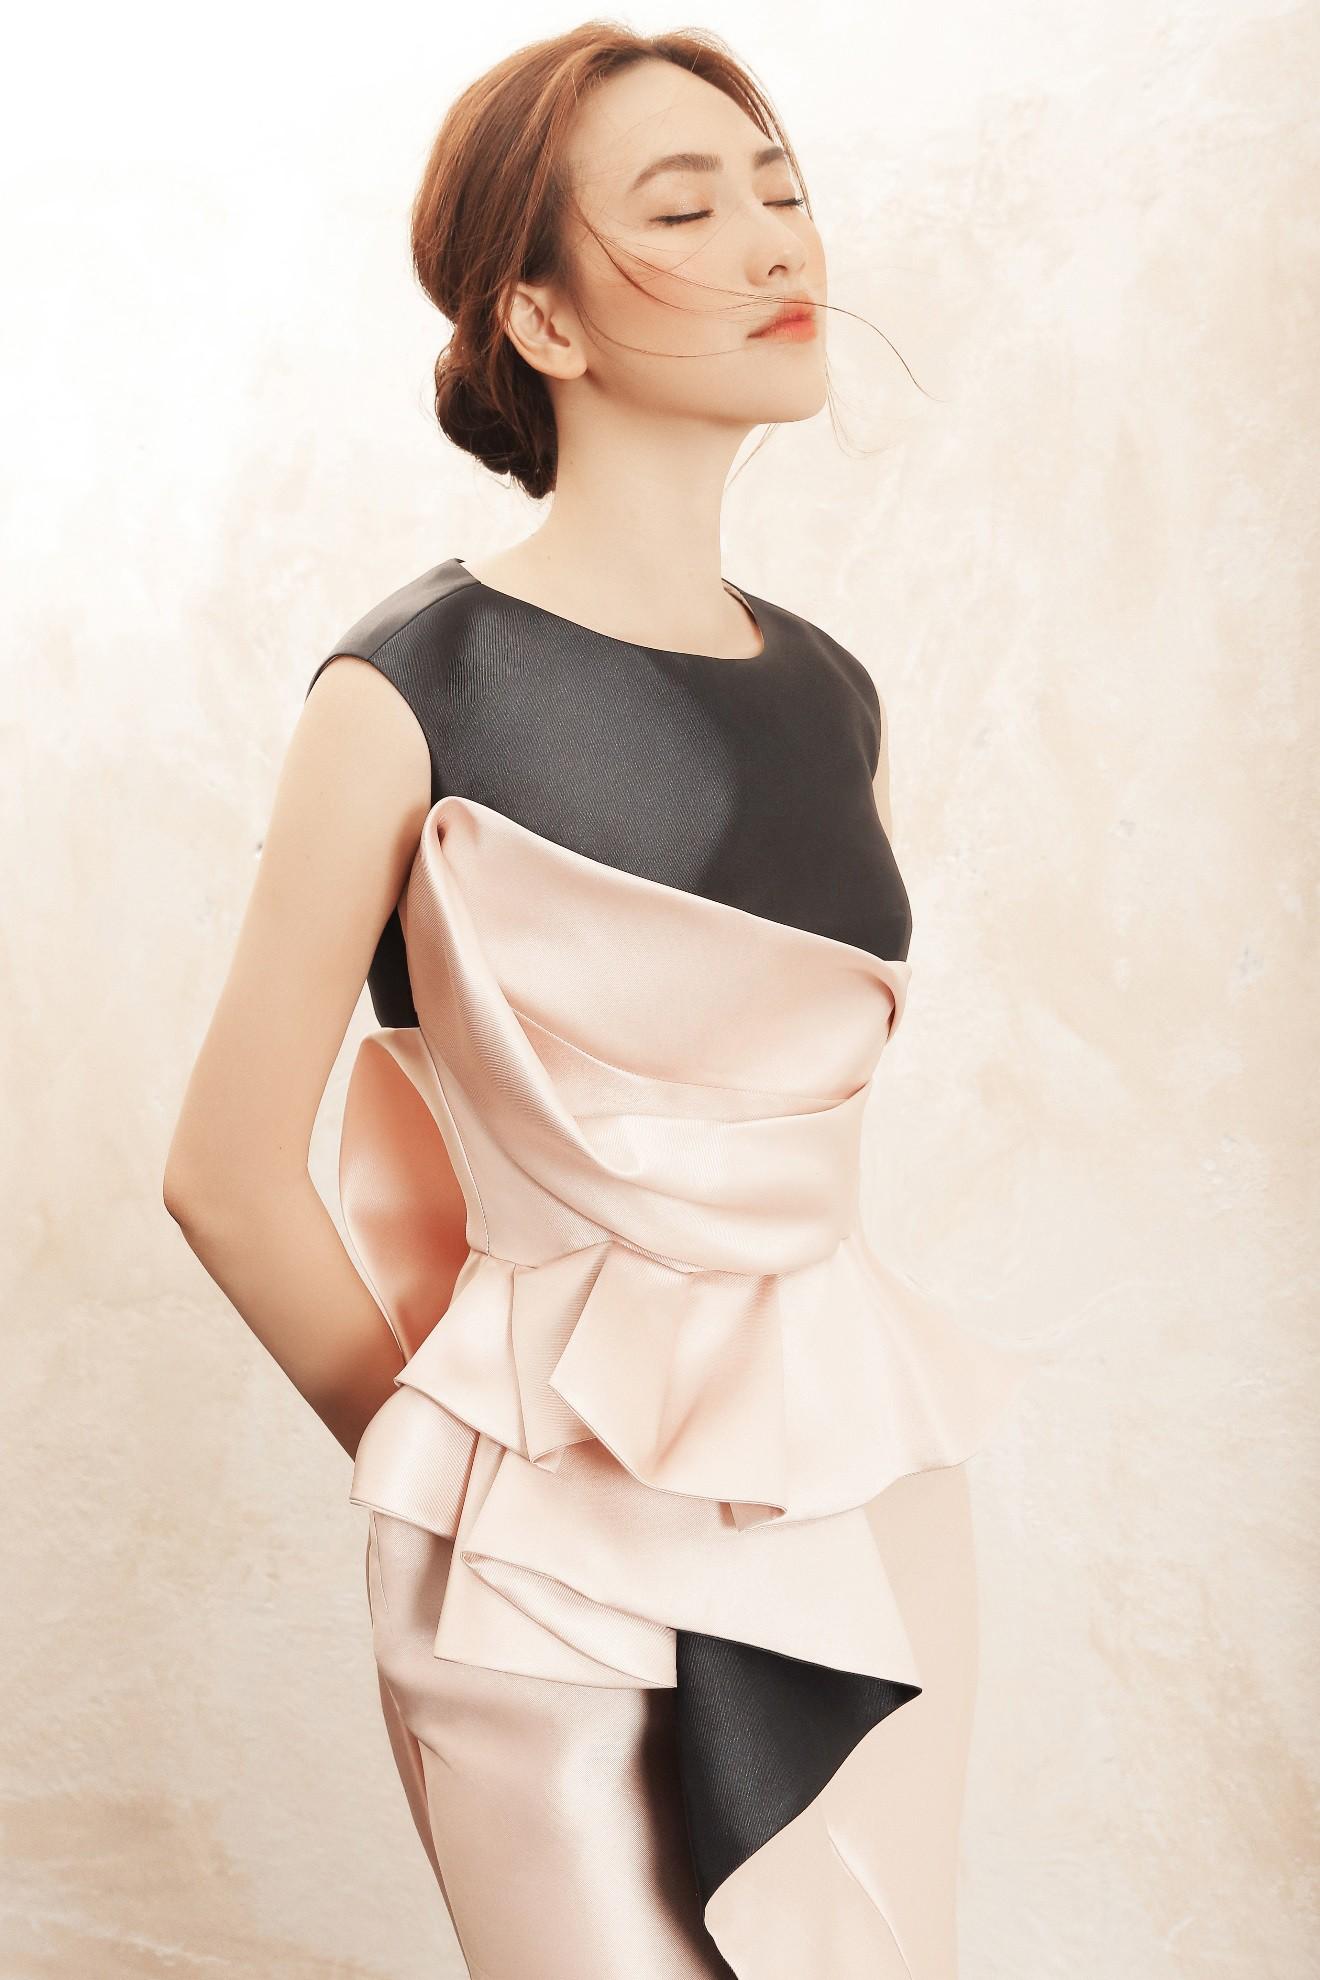 """Sau """"Chàng vợ của em"""", Phương Anh Đào đầy xinh đẹp, cuốn hút trong BST từng xuất hiện trên Vogue của PHUONG MY - Ảnh 2."""